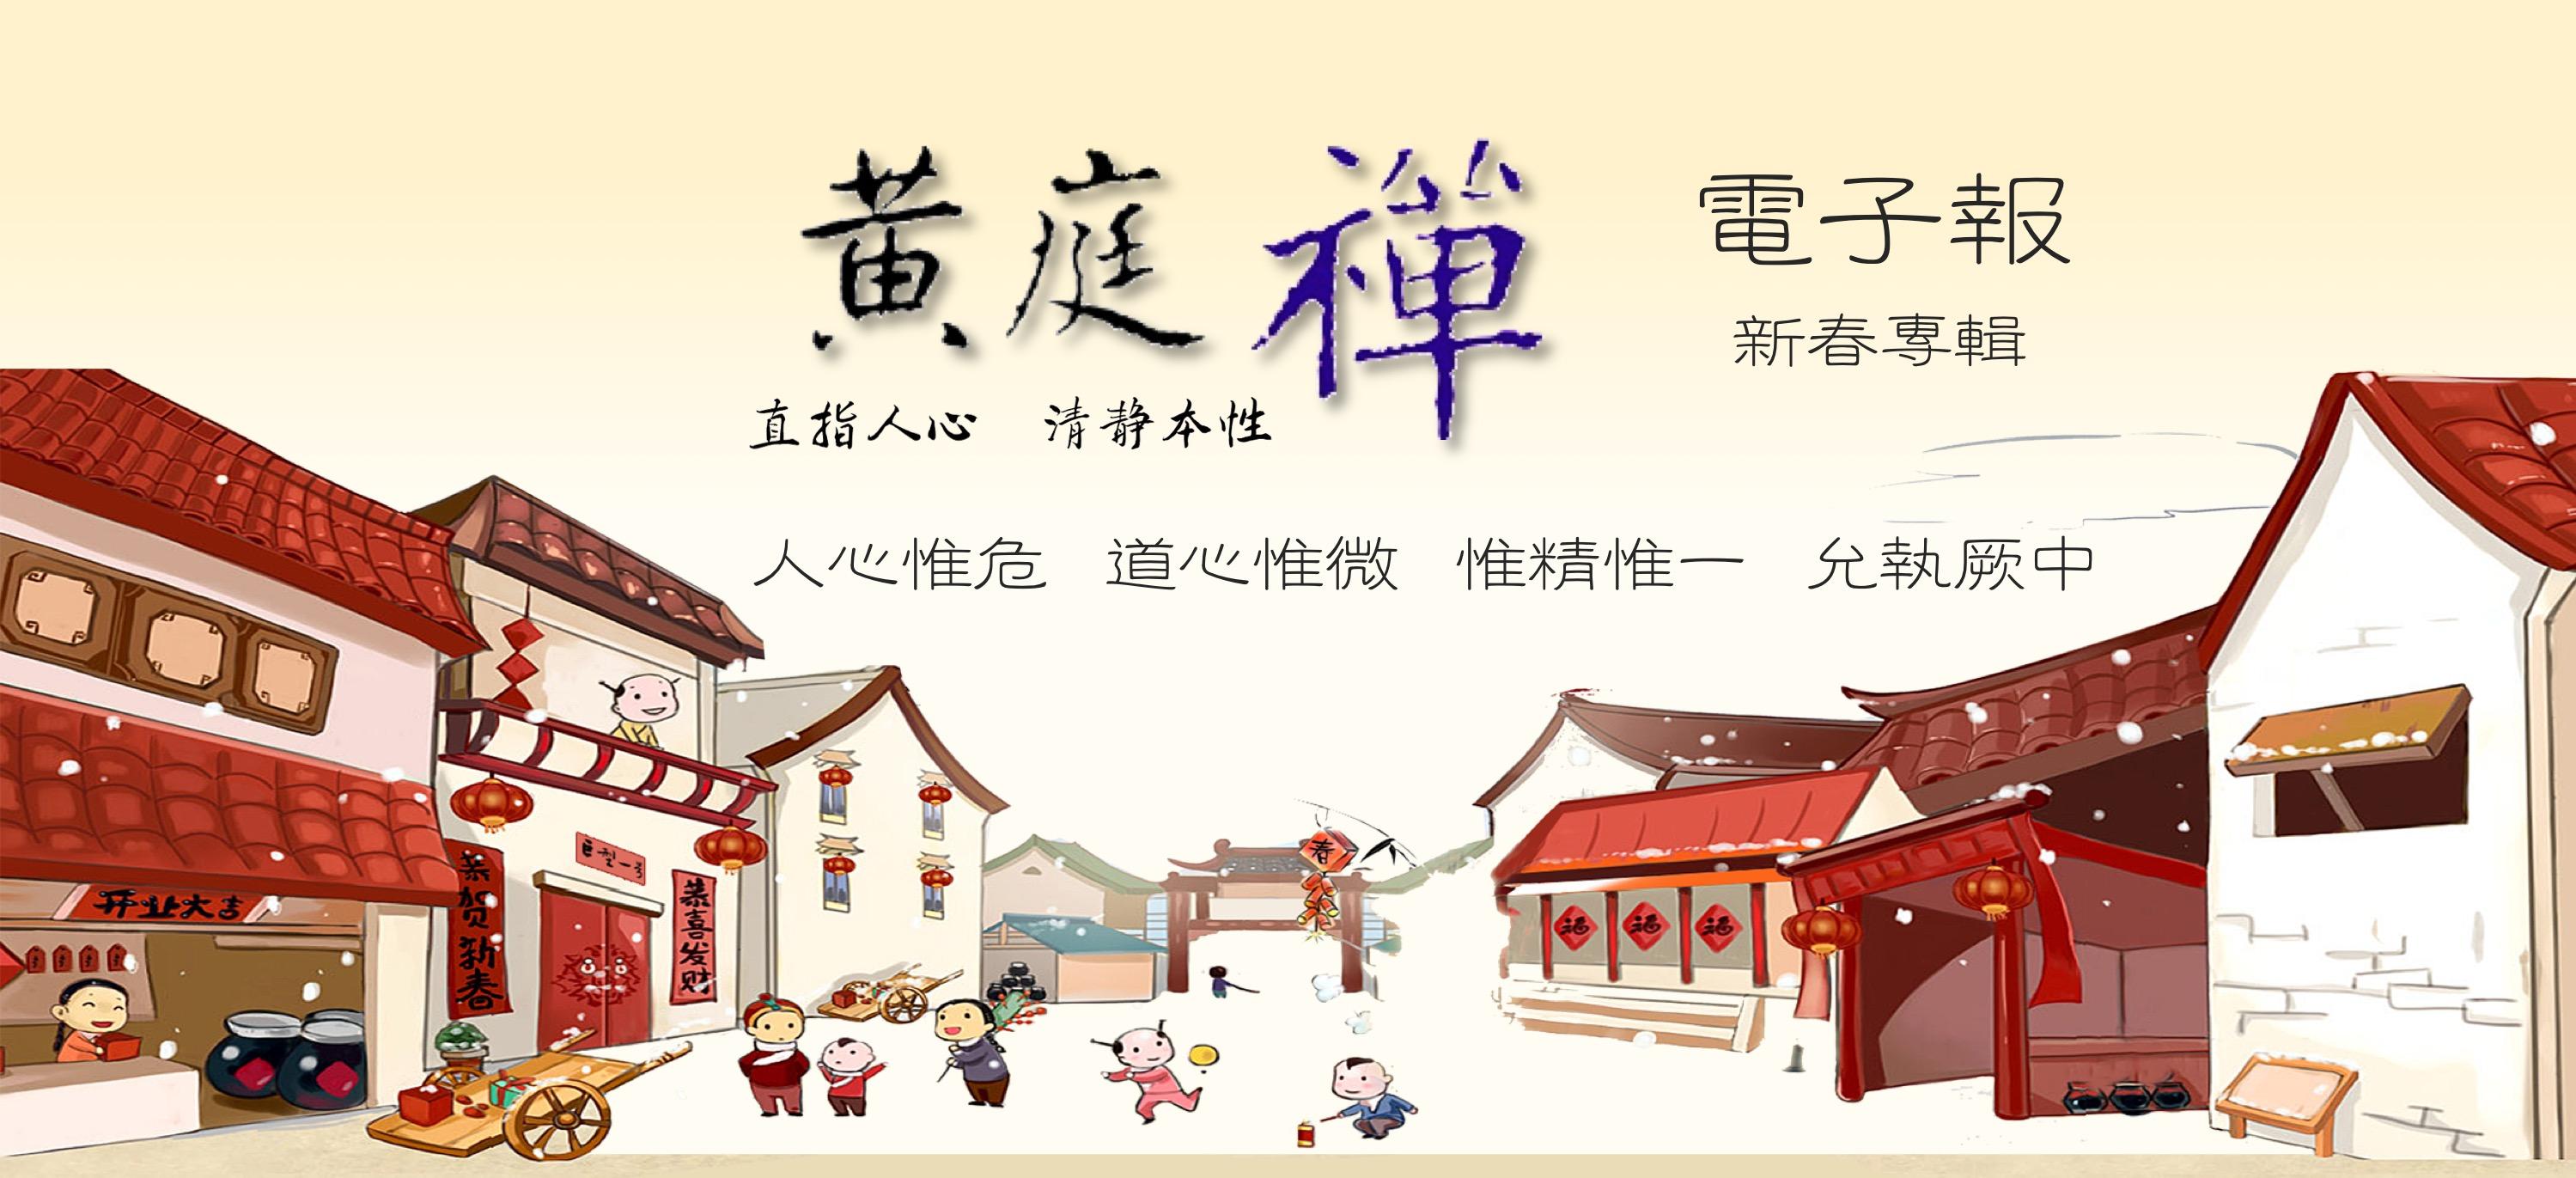 中華黃庭禪學會2018.02.21電子報